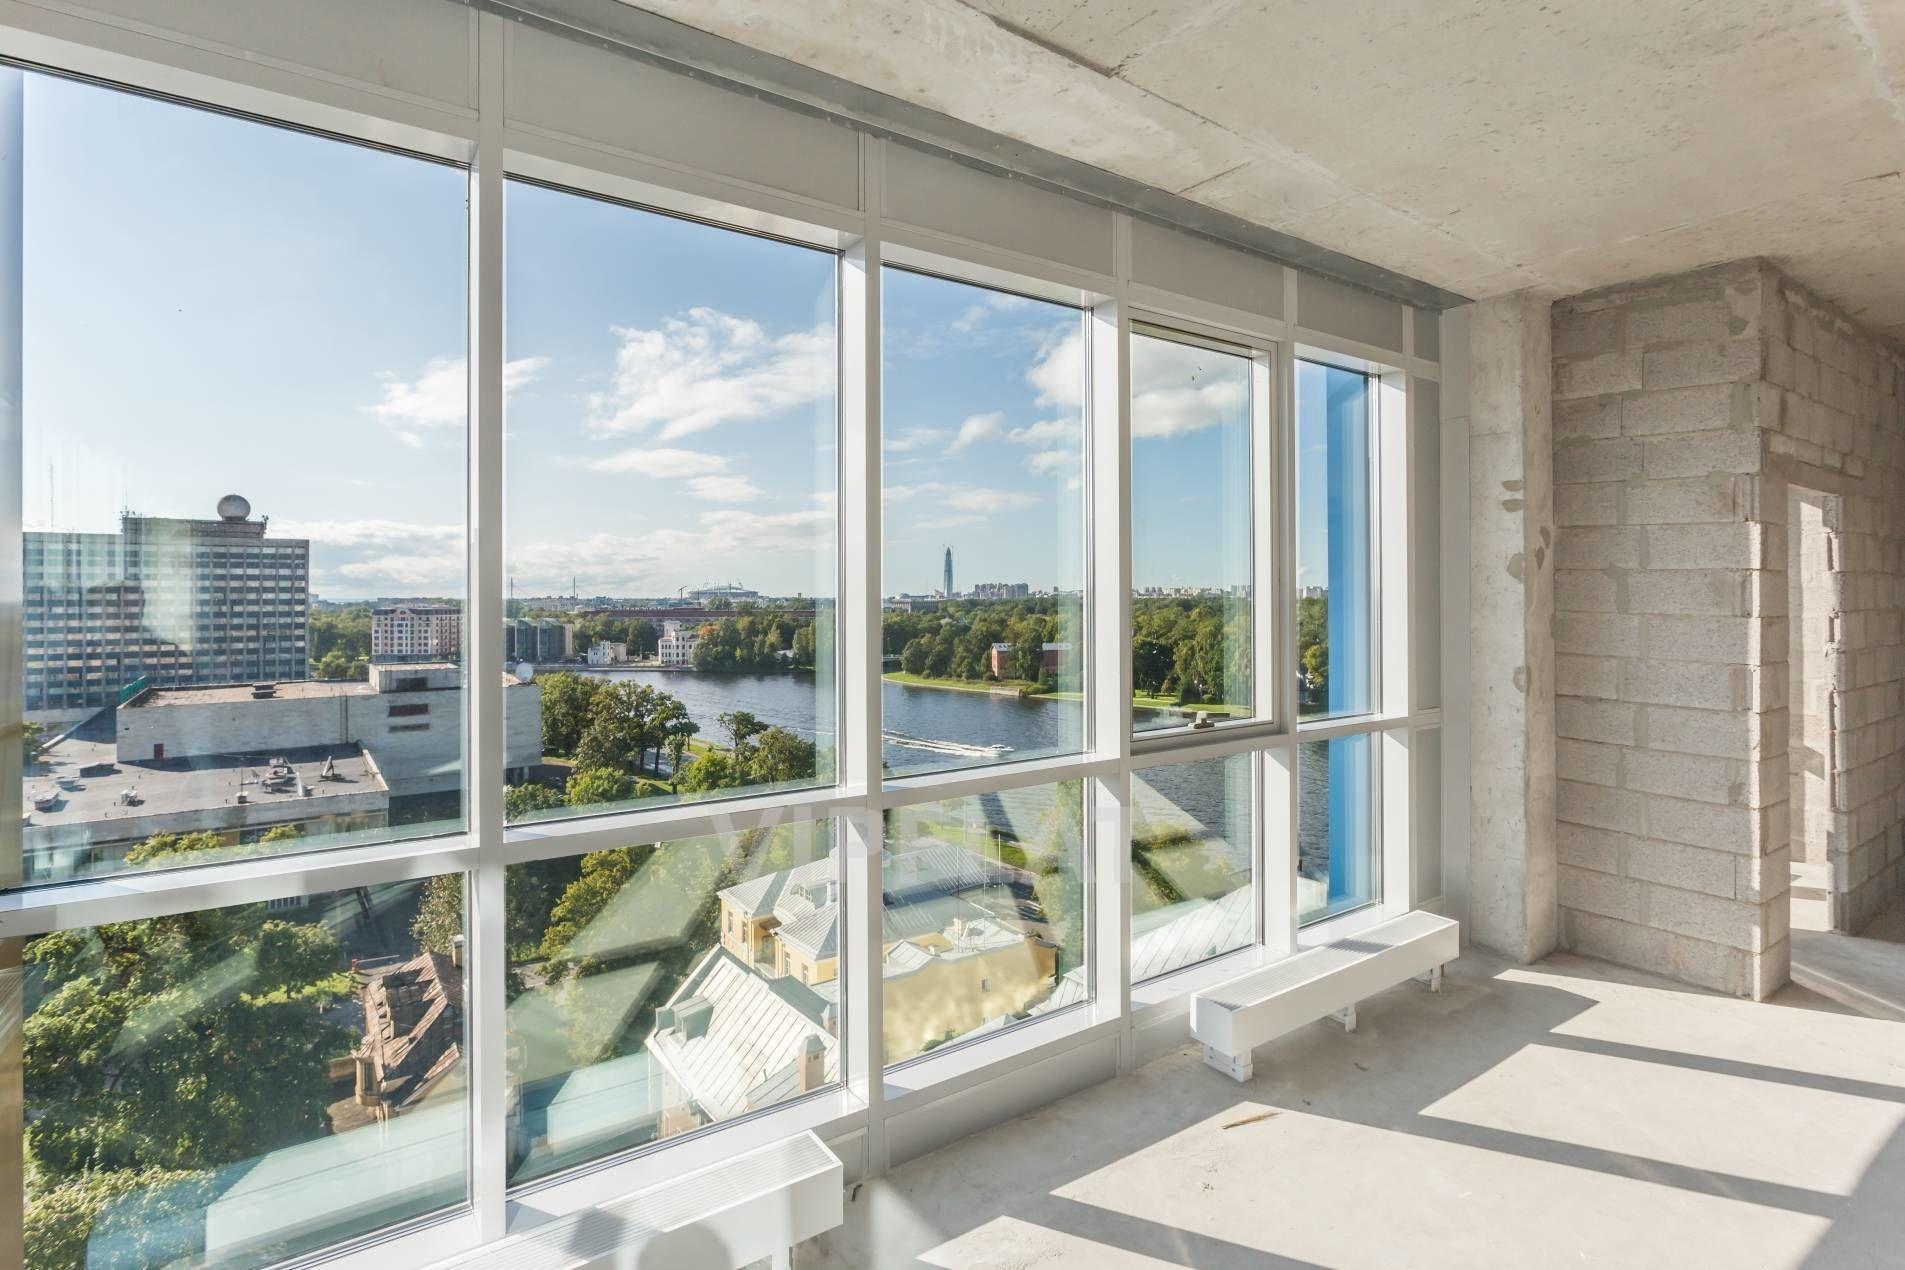 Продажа элитных квартир Санкт-Петербурга. Грота ул., 1-3 Панорамные окна